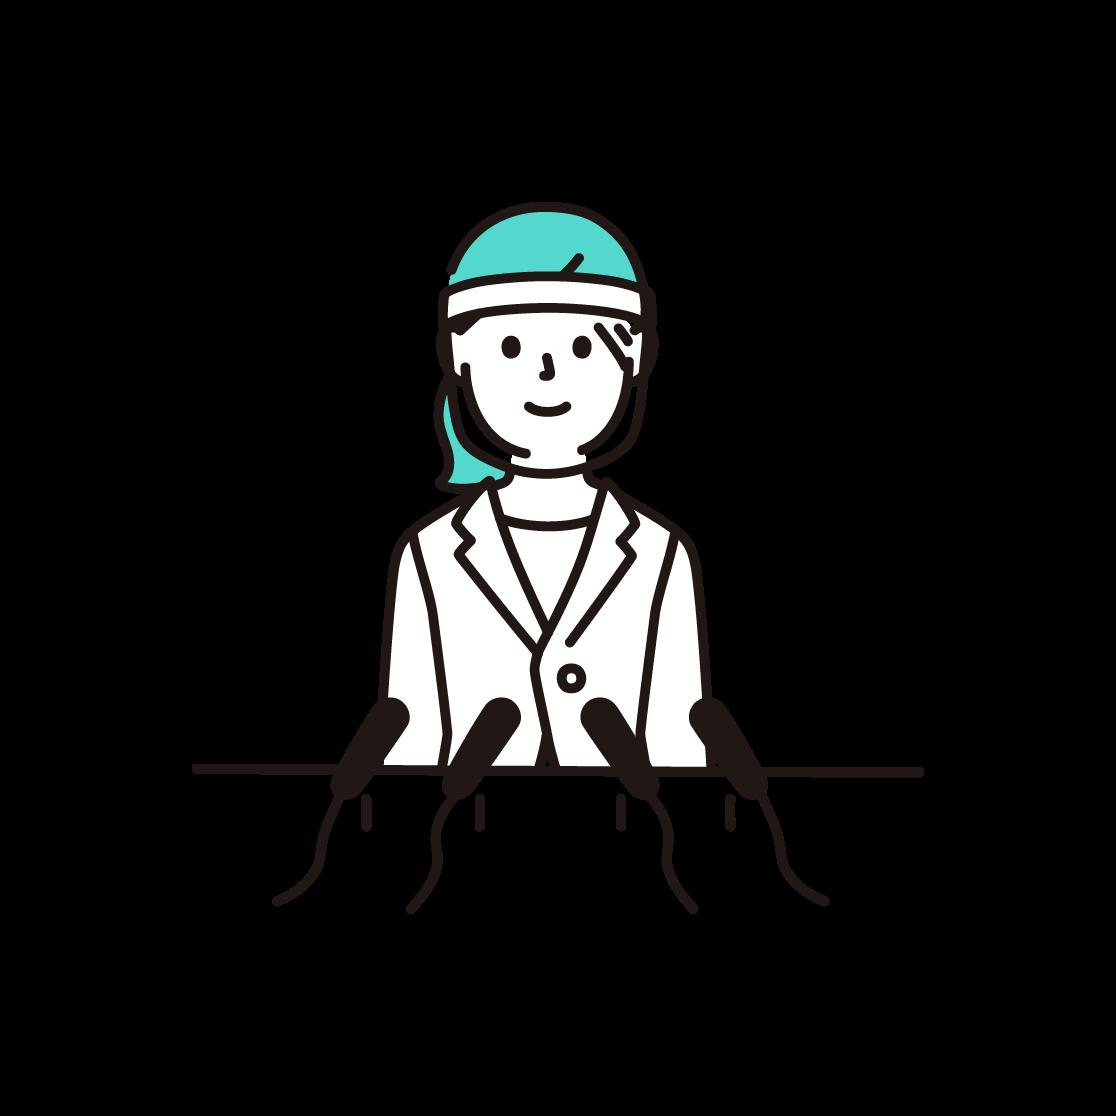 フェイスシールドをつけて会見する女性のイラスト(単色)